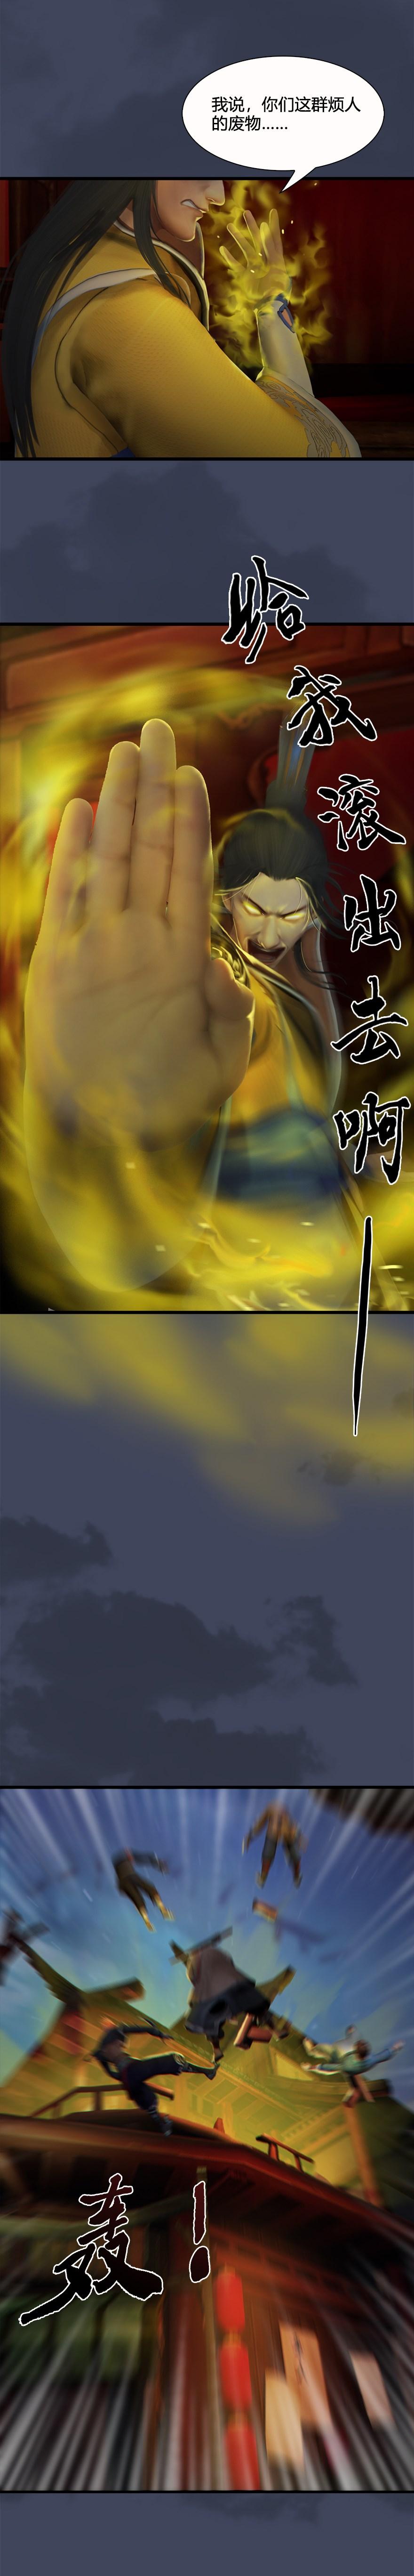 《堕玄师》第28话:沈燃遭夜袭险被辱,灭门护主遭剿杀